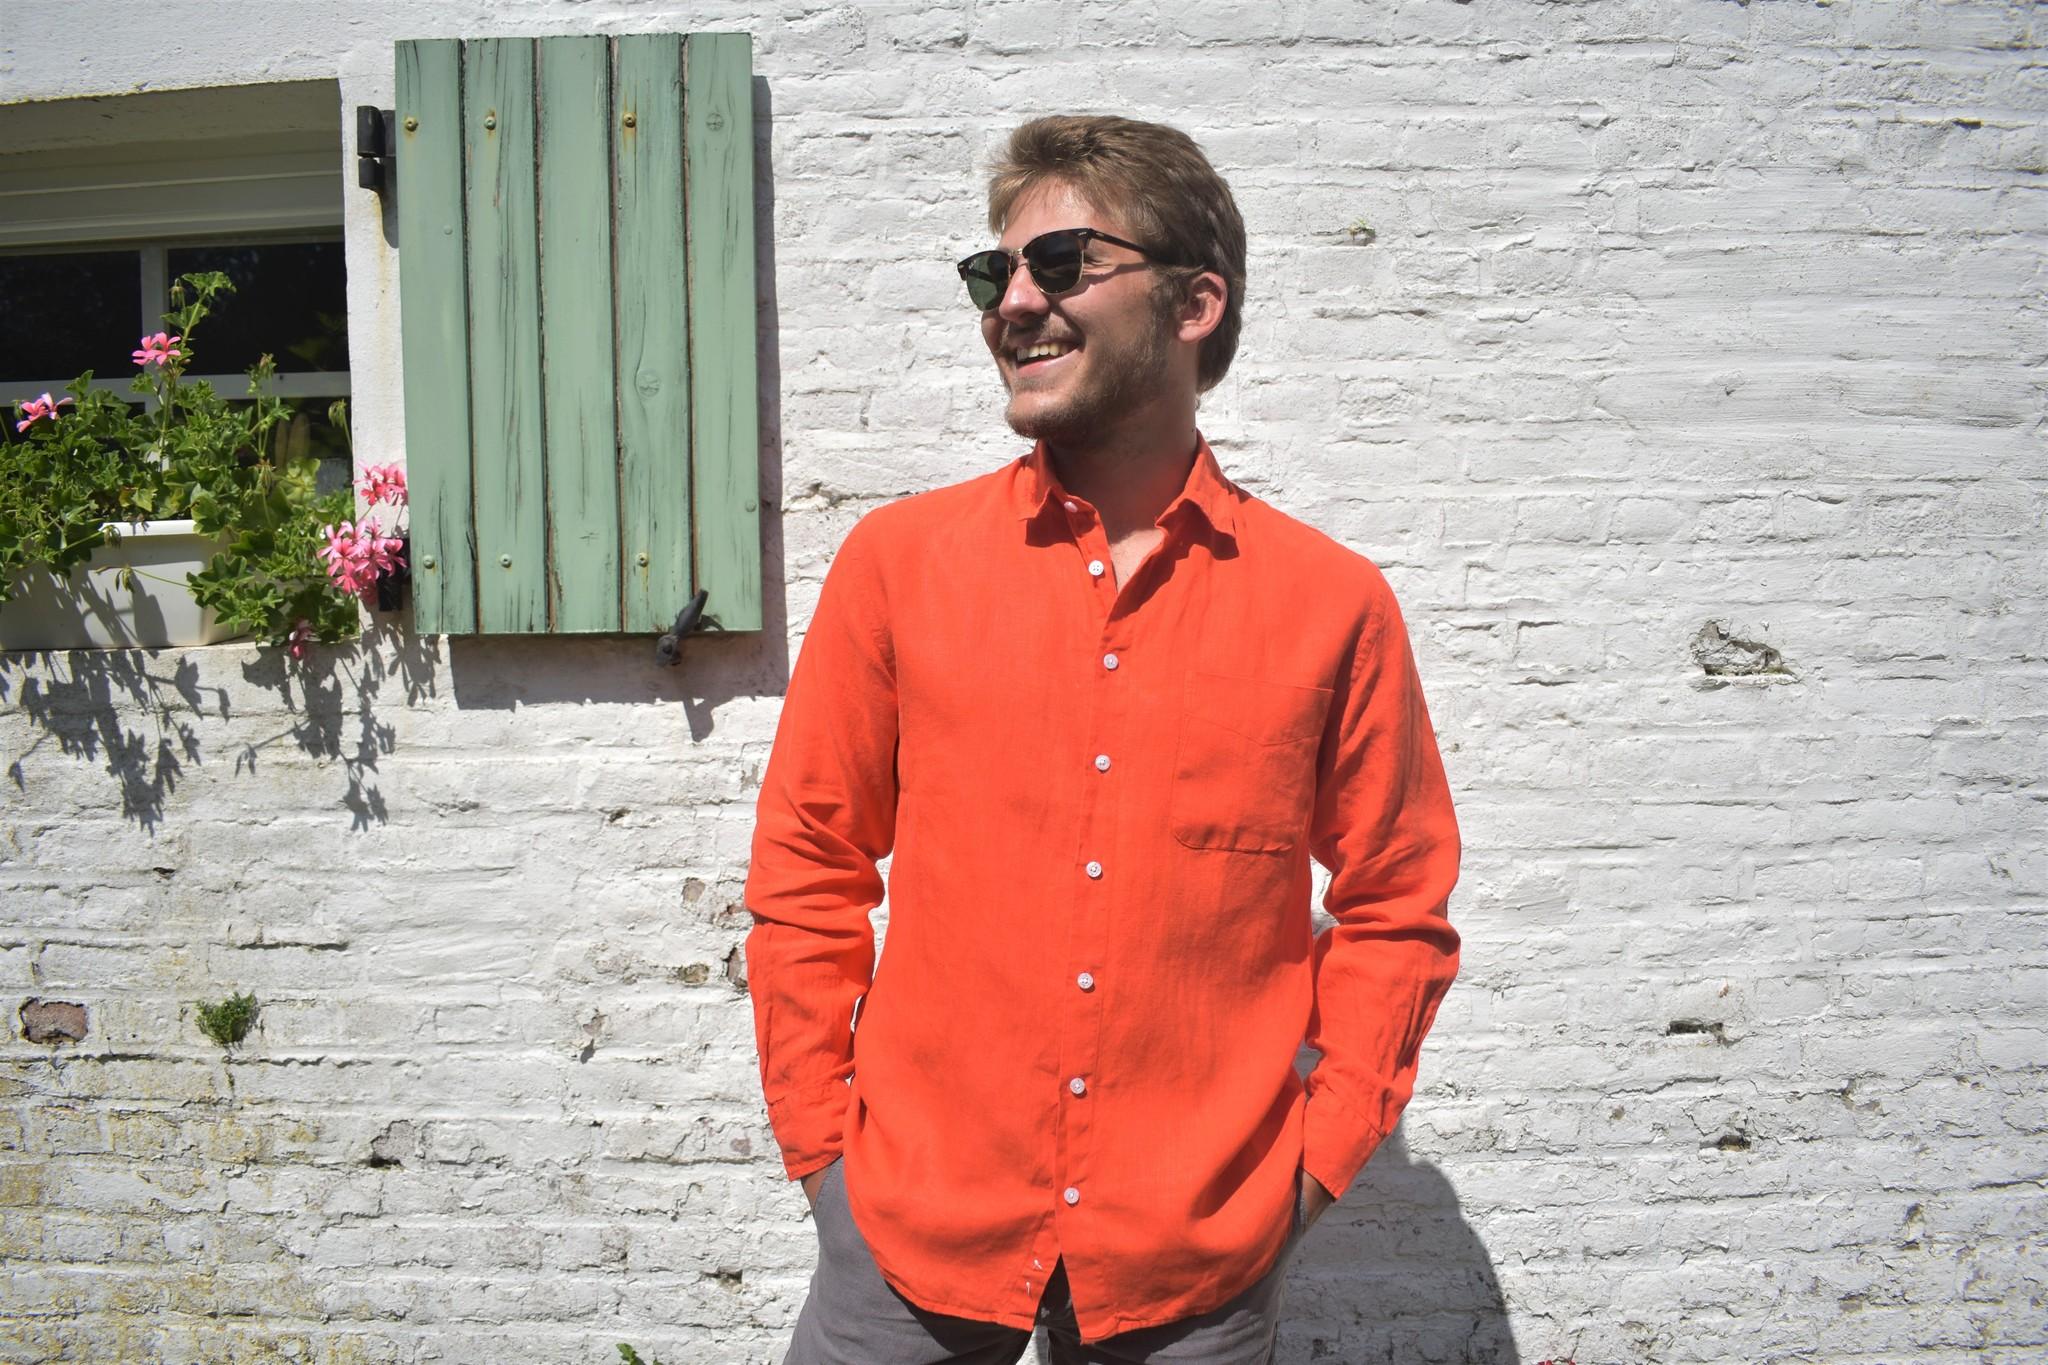 Le grenier du lin Long-sleeved shirt Orange